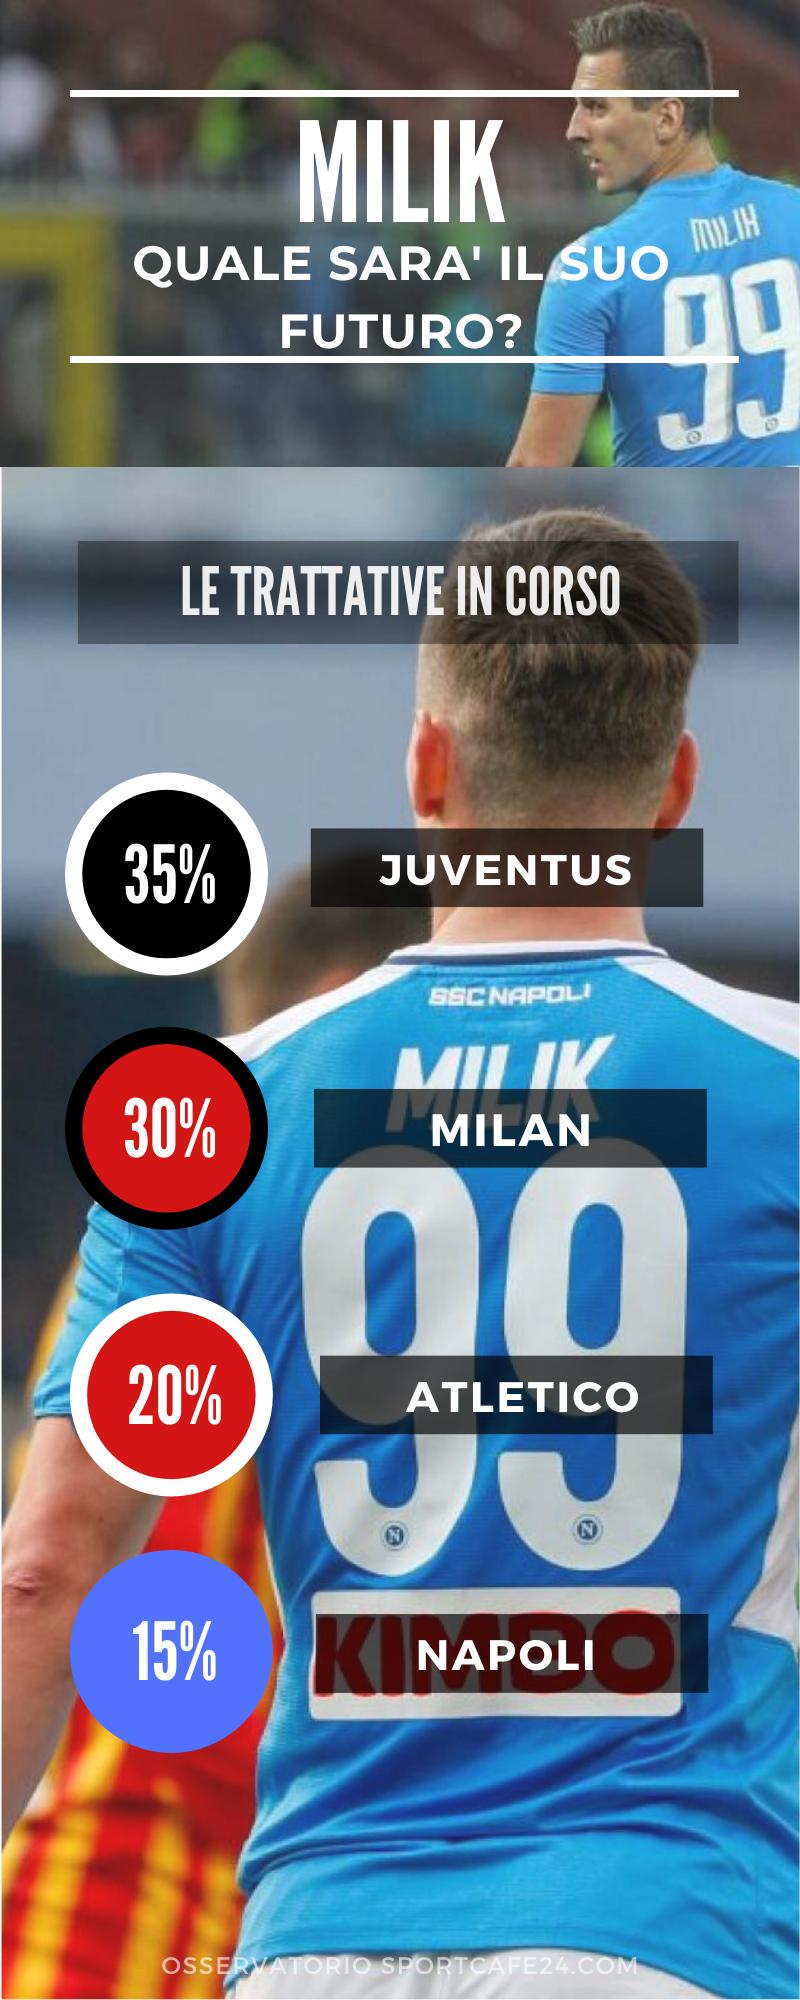 Milik trattativa Juventus Milan